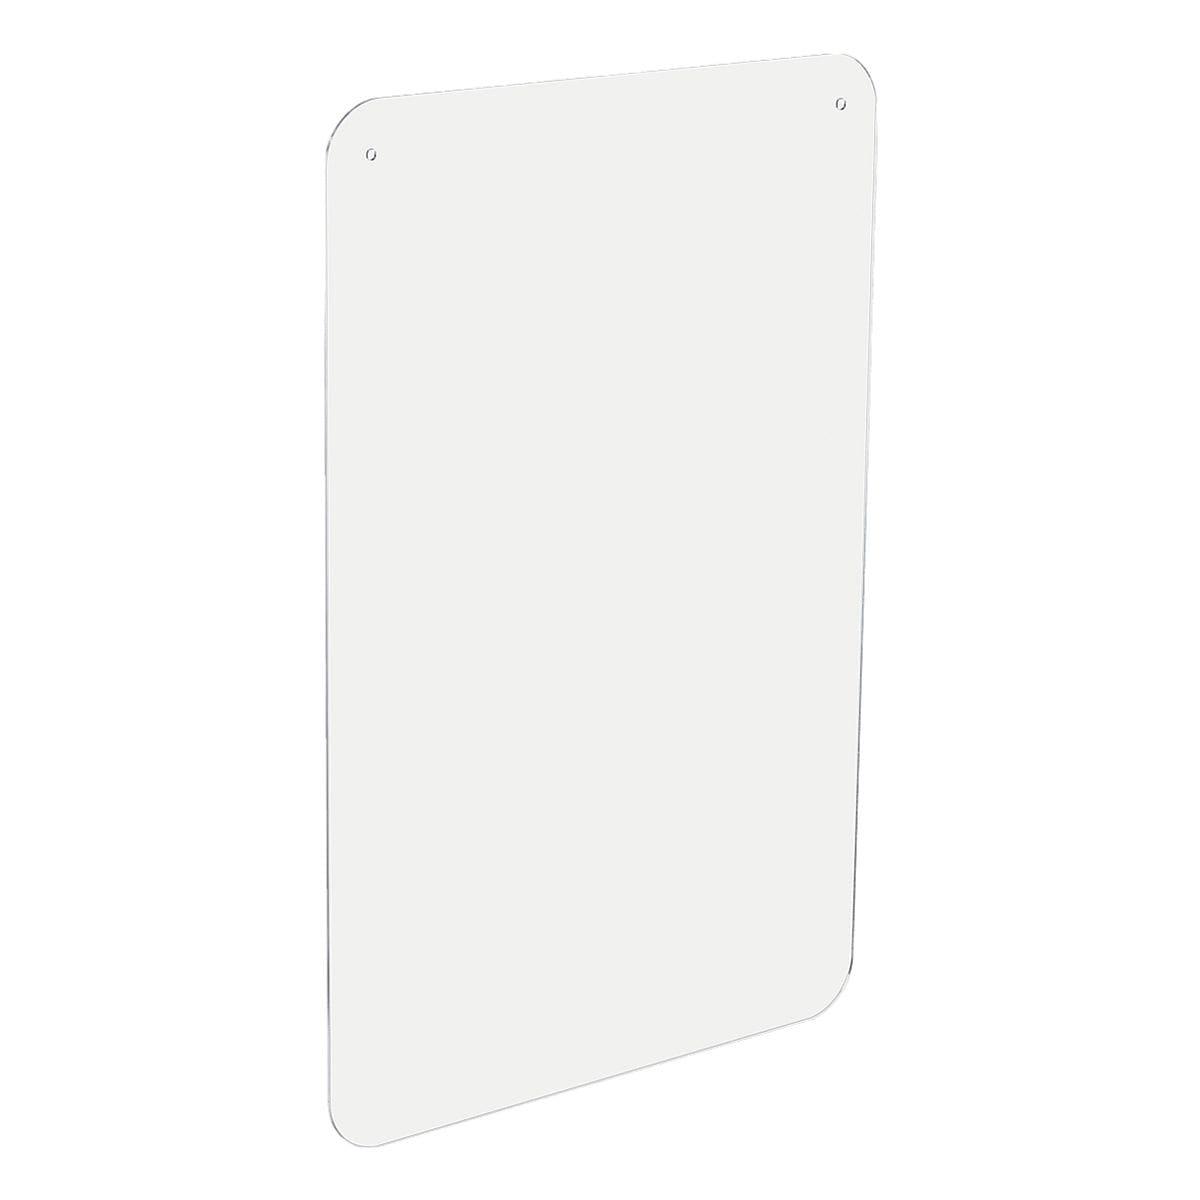 EXACOMPTA Nies- und Spuckschutz / Trennwand »Exascreen« zum Aufhängen 66 x 99 cm